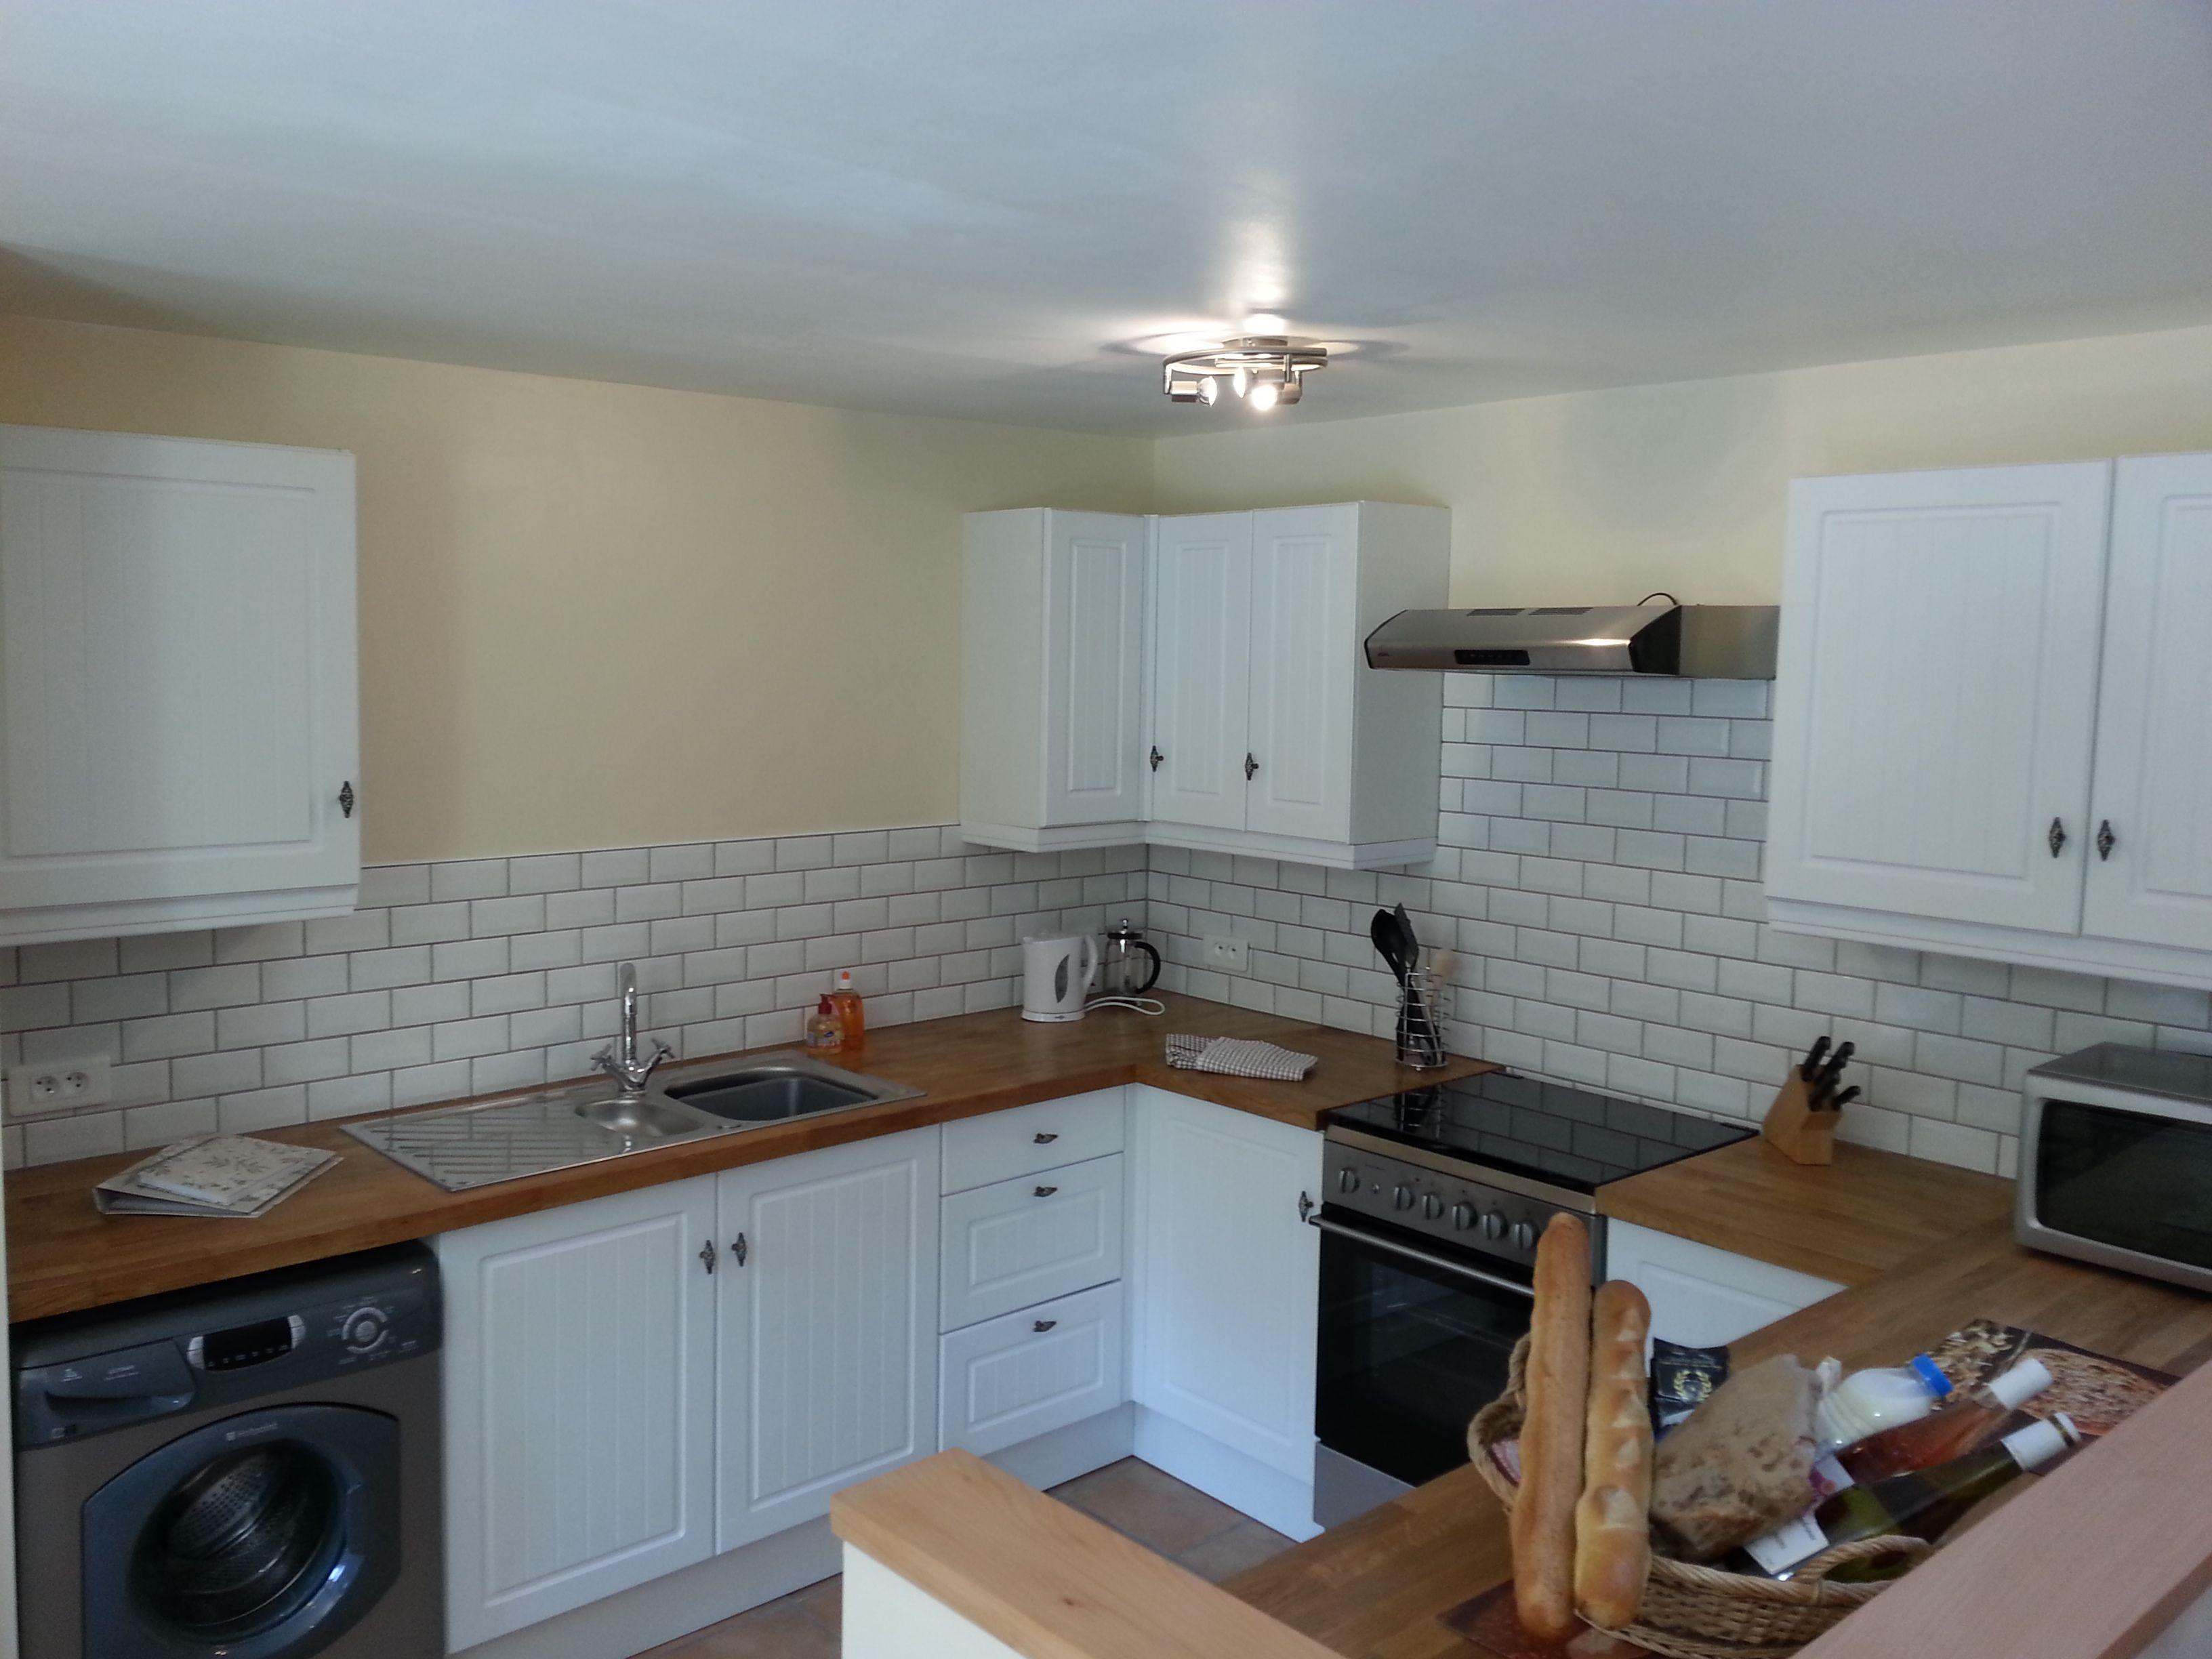 bq white kitchen with metro tiles and oak worktops